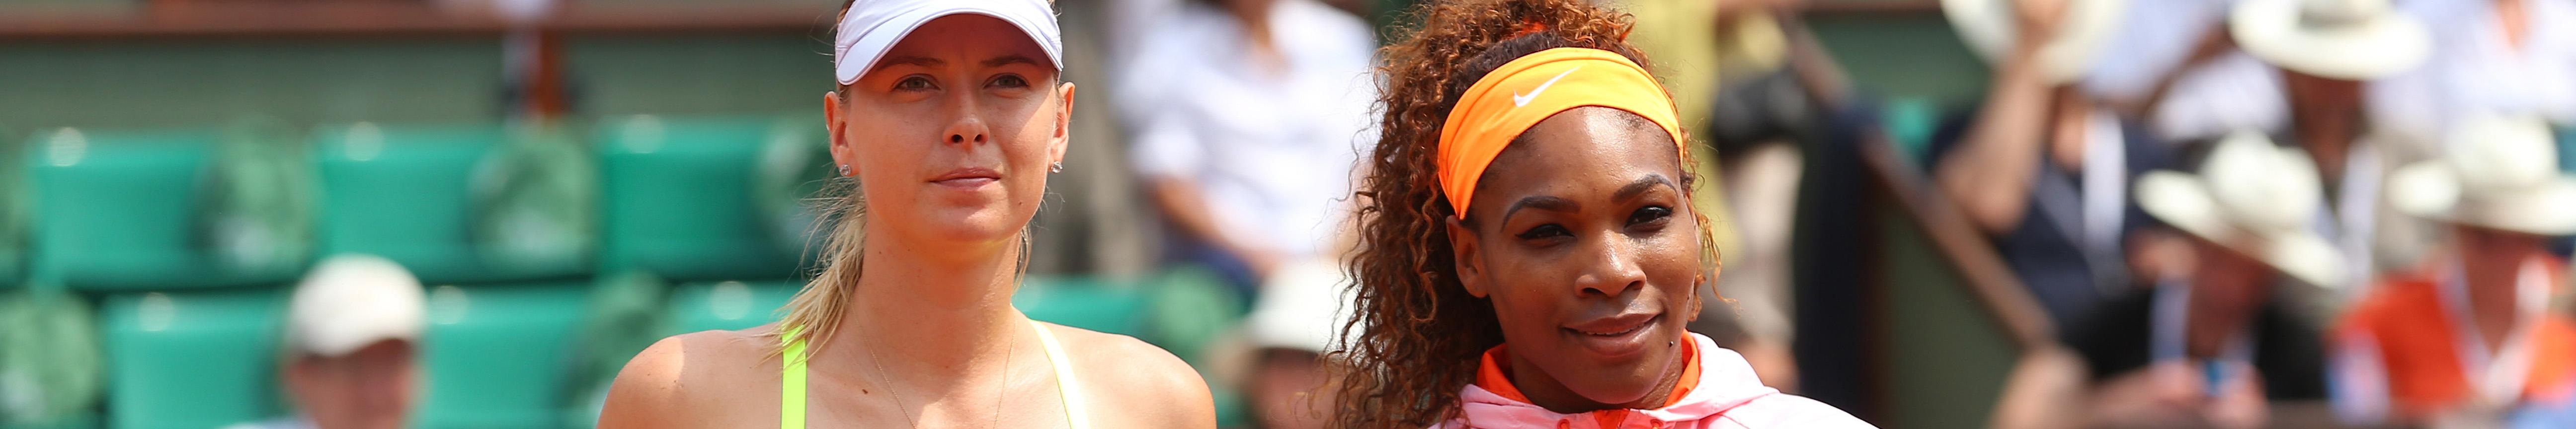 French Open: Mit einem Klassiker und 3 Deutschen beginnt die 2. Woche